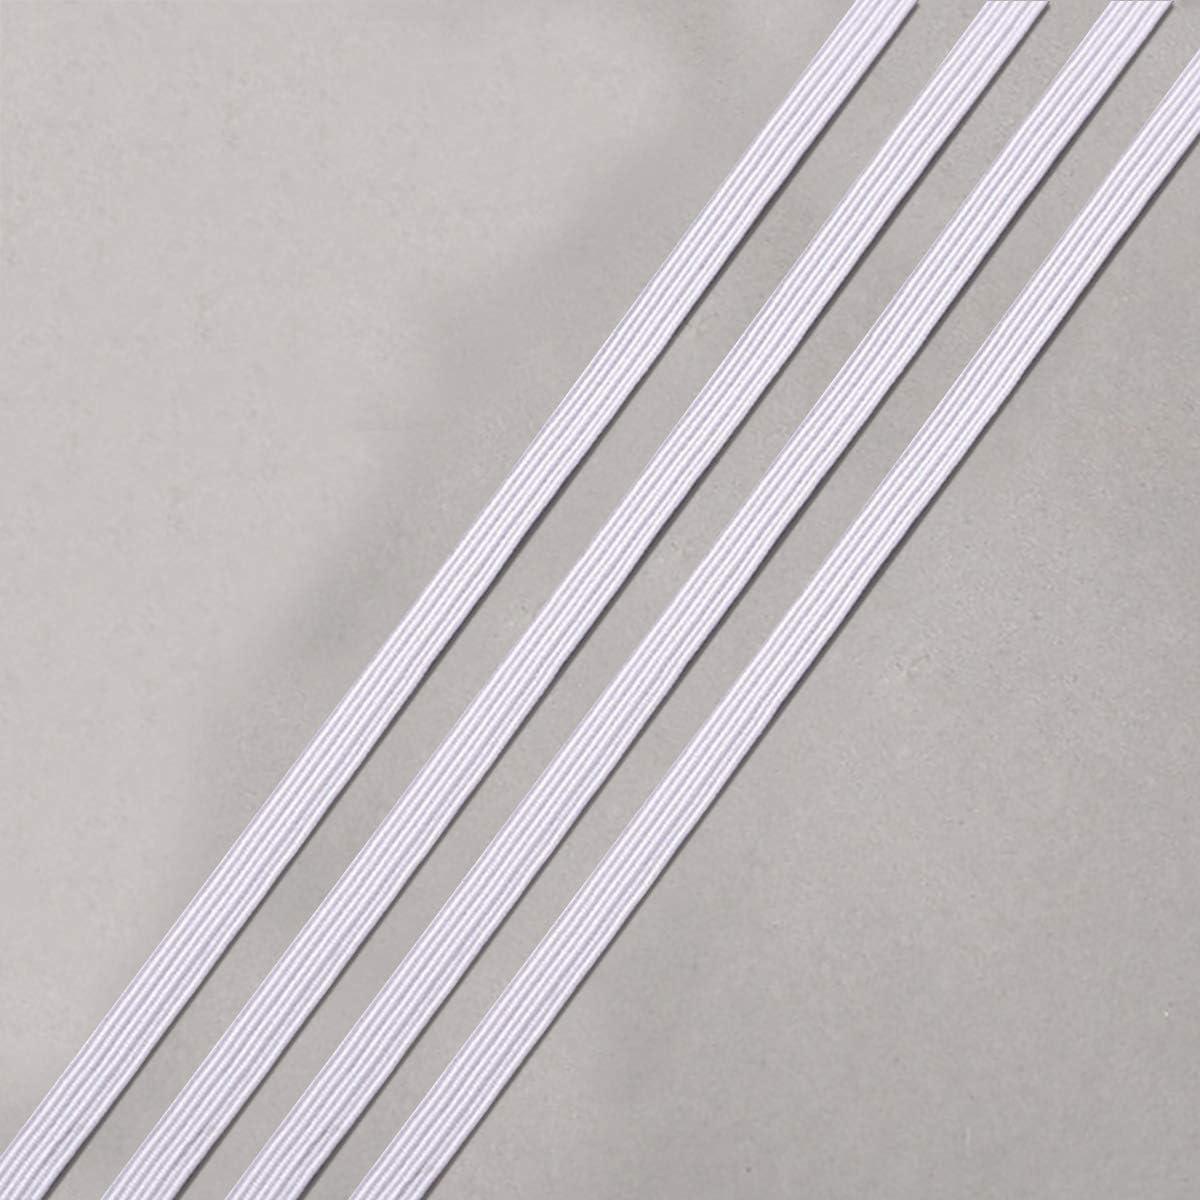 Bobina de El/ástico Blanco Rollo de Banda El/ástica Pesada Cuerda El/ástica para Costura y Tejer 3mm Cinta El/ástica de 144 Yardas 130m Blanco, 3mm*130m